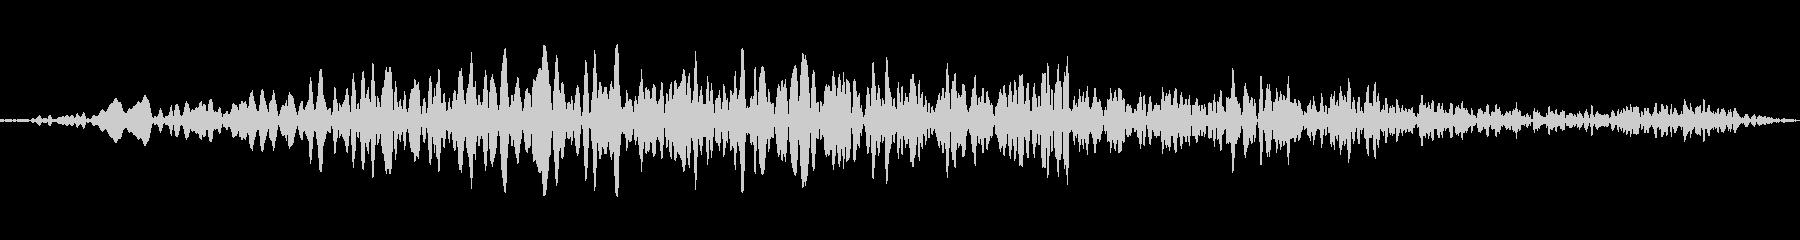 ドローンランブルディープロングwavの未再生の波形